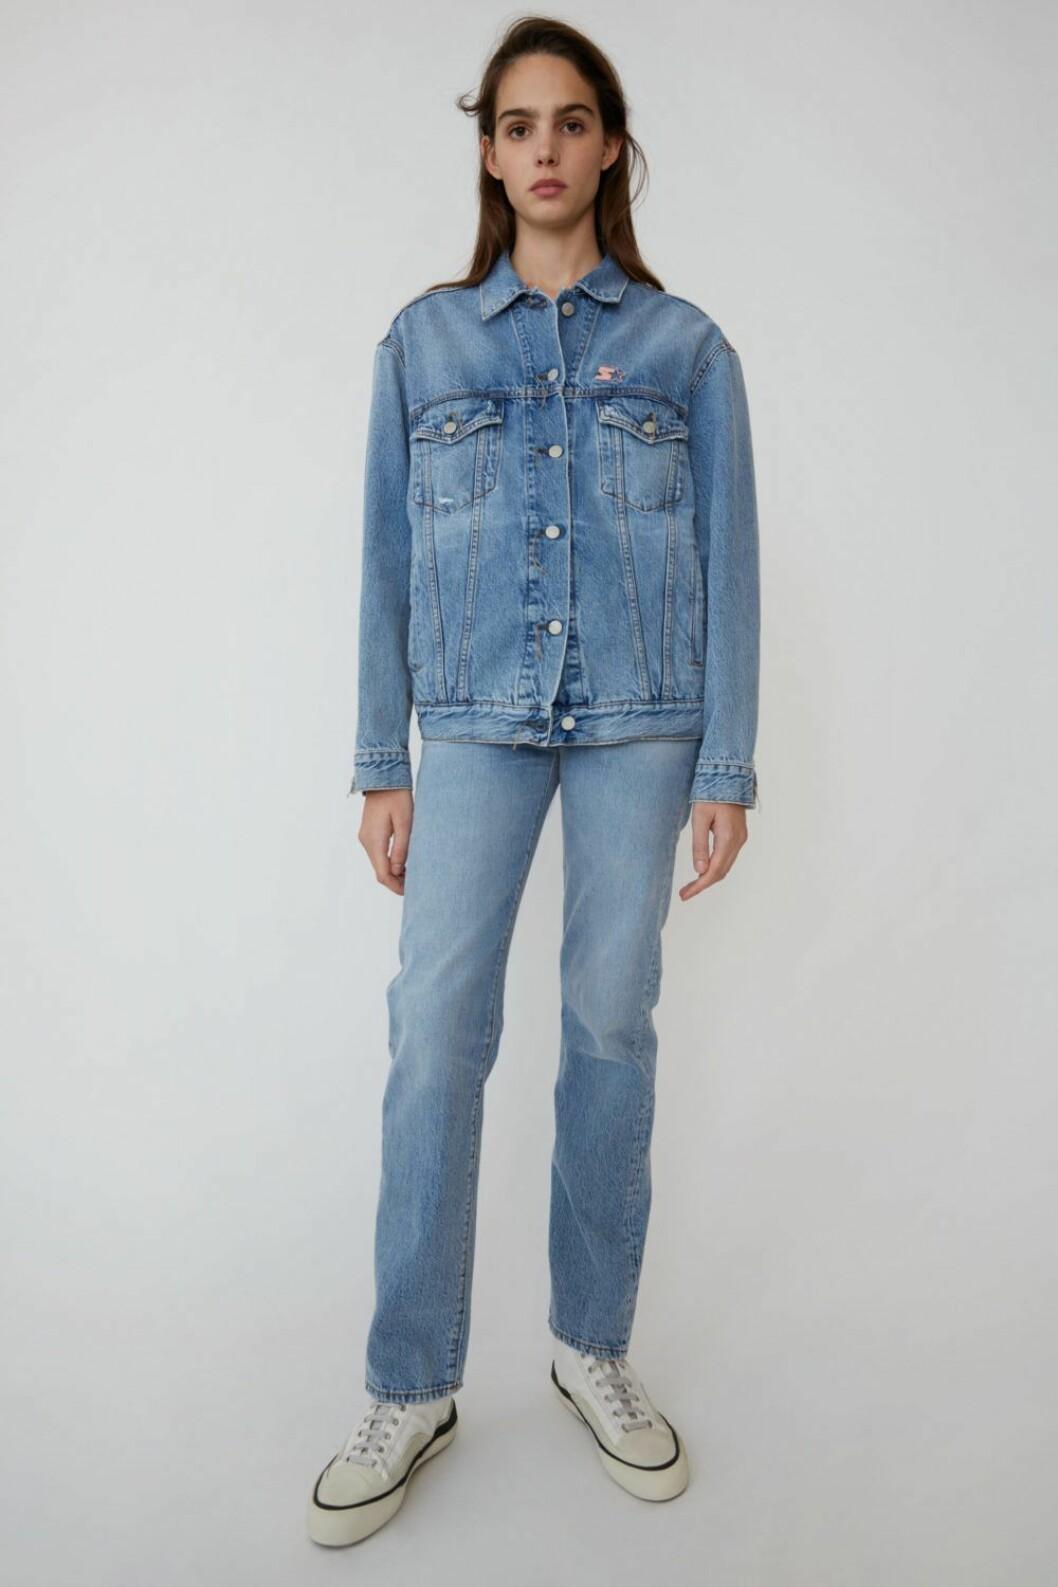 Jeansjacka och jeans från Acne Studios x Starter.